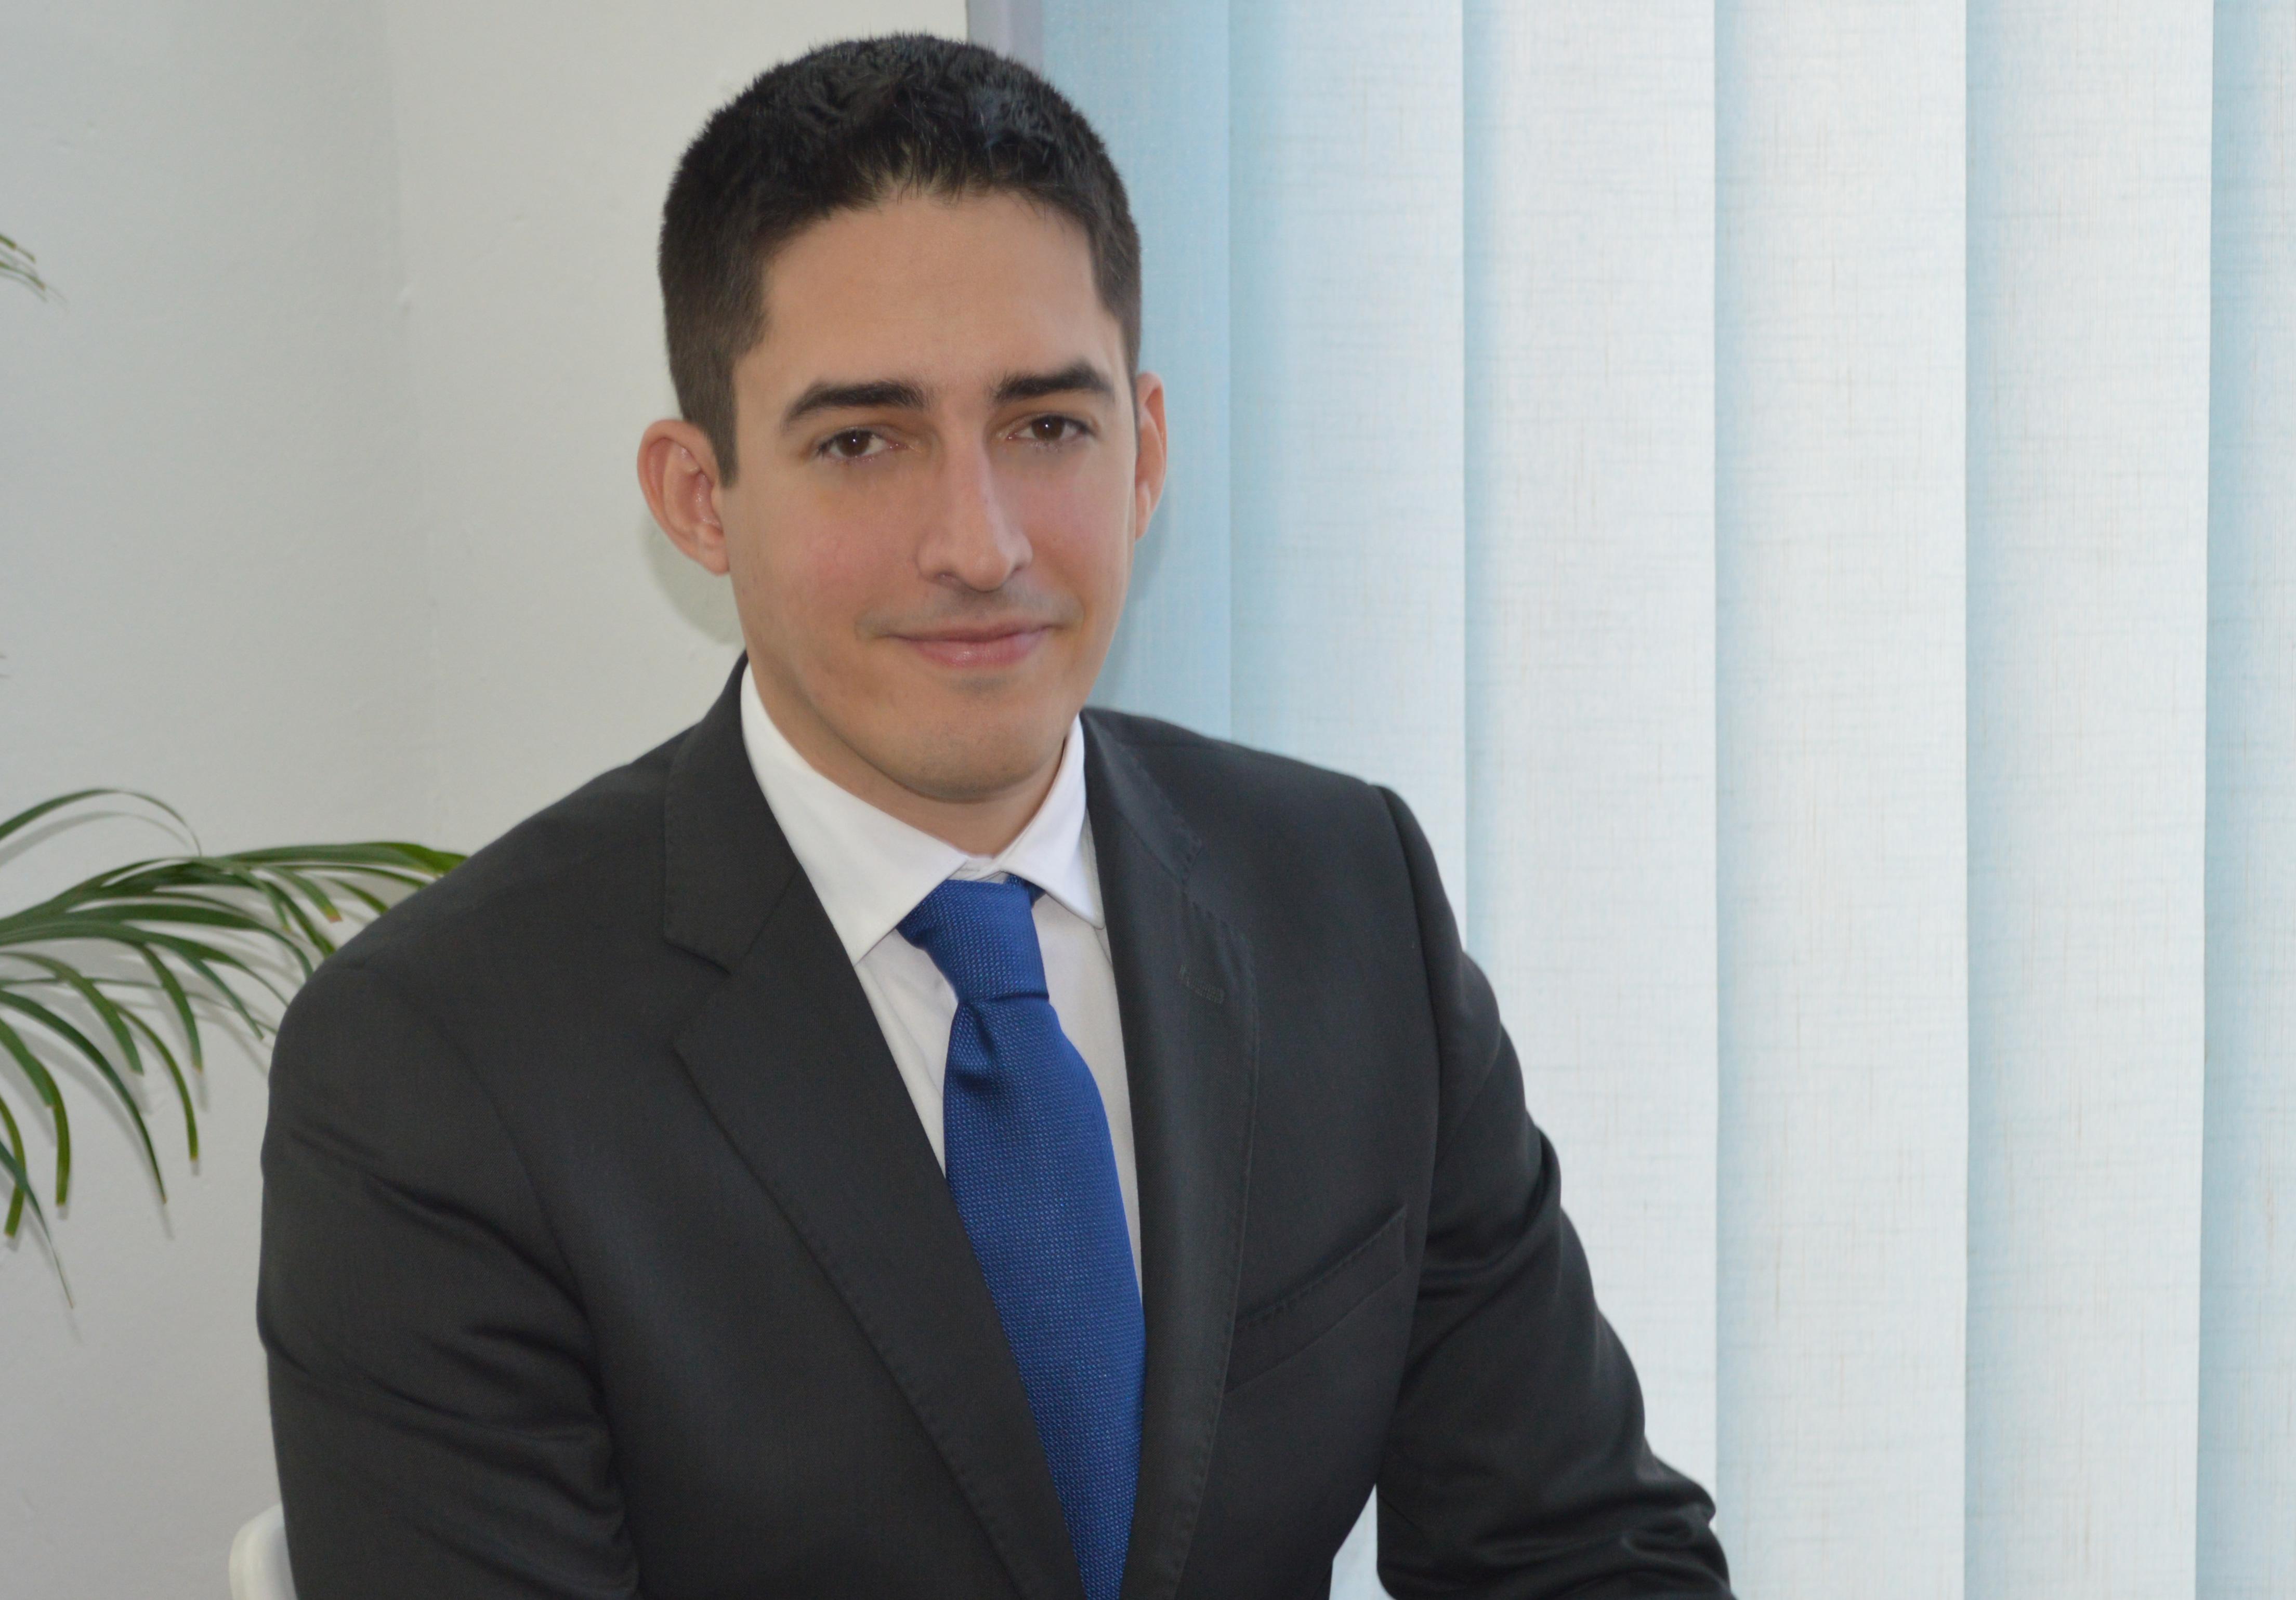 Manuel Fajardo